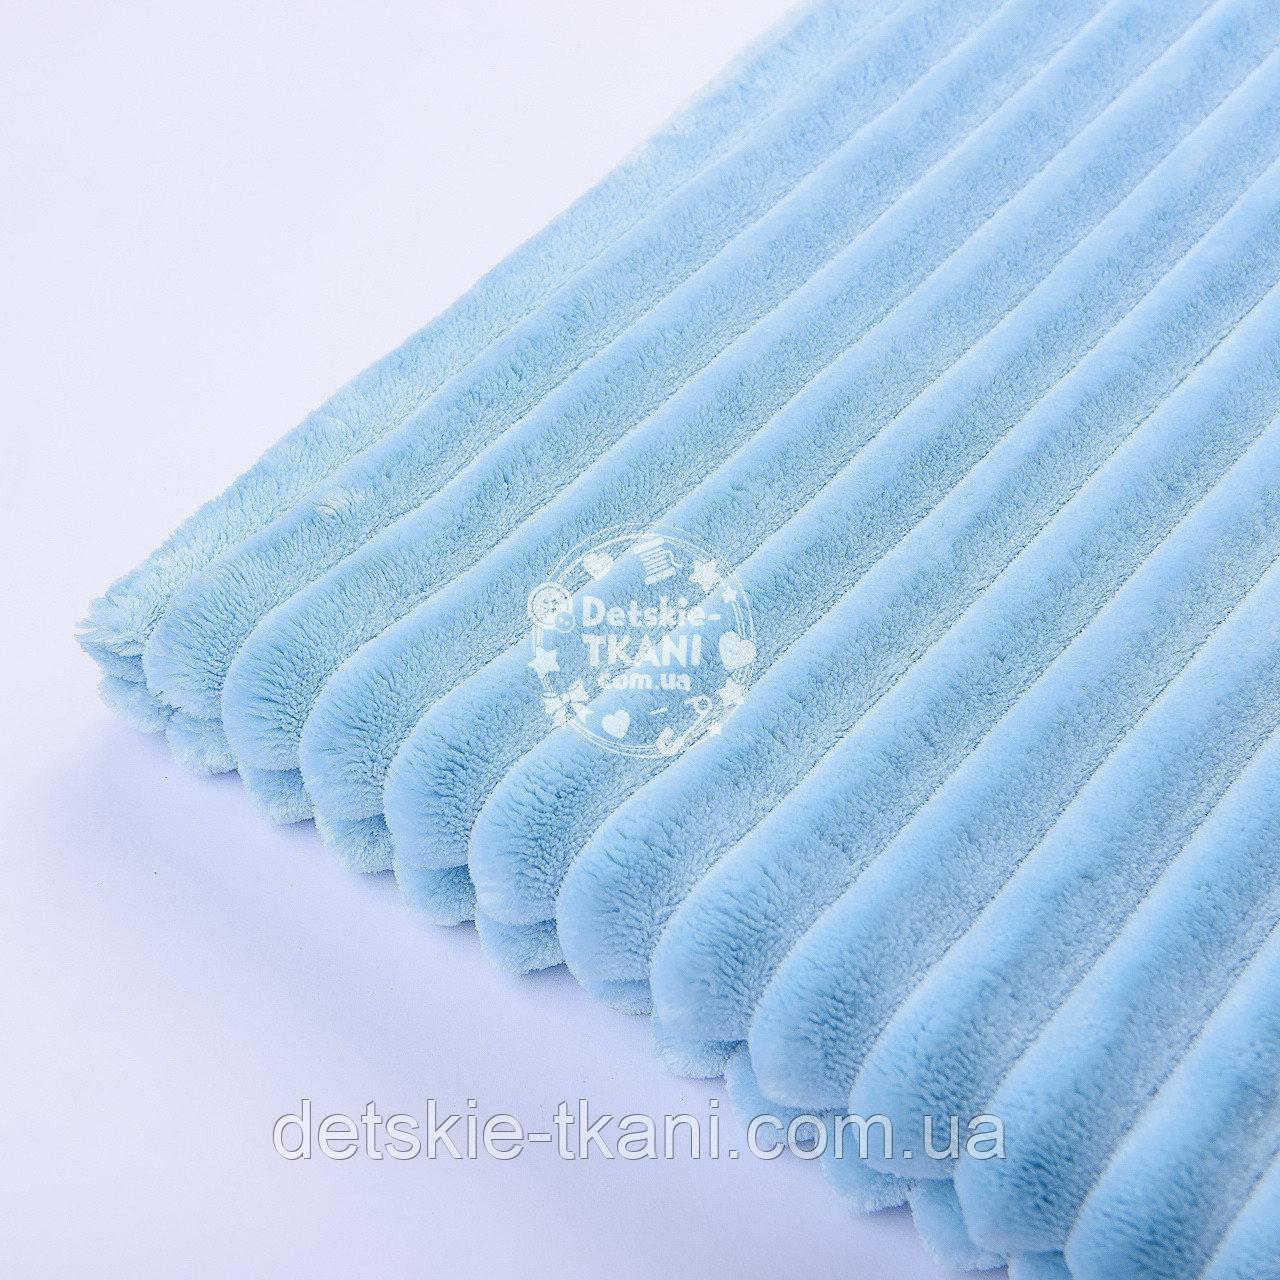 Лоскут плюша в полоску Stripes голубого цвета, размер 50*160 см